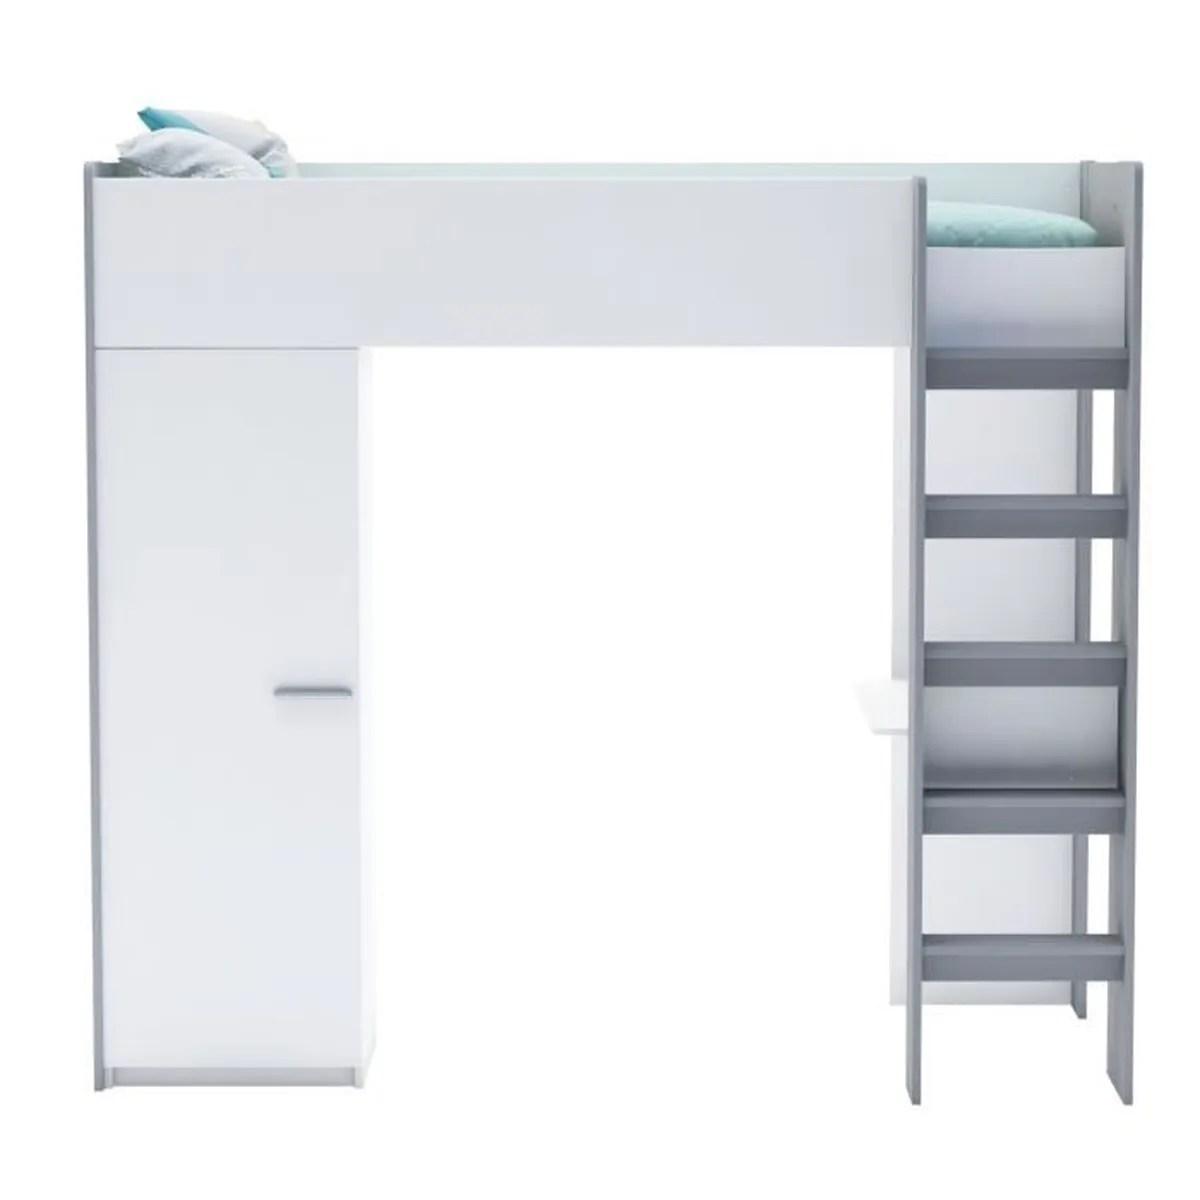 Filou Lit Mezzanine 1 Place Blanc Avec Bureau 90x200cm Blanc Achat Vente Lit Combine Filou Lit Mezzanine 1 Place Bl Cdiscount